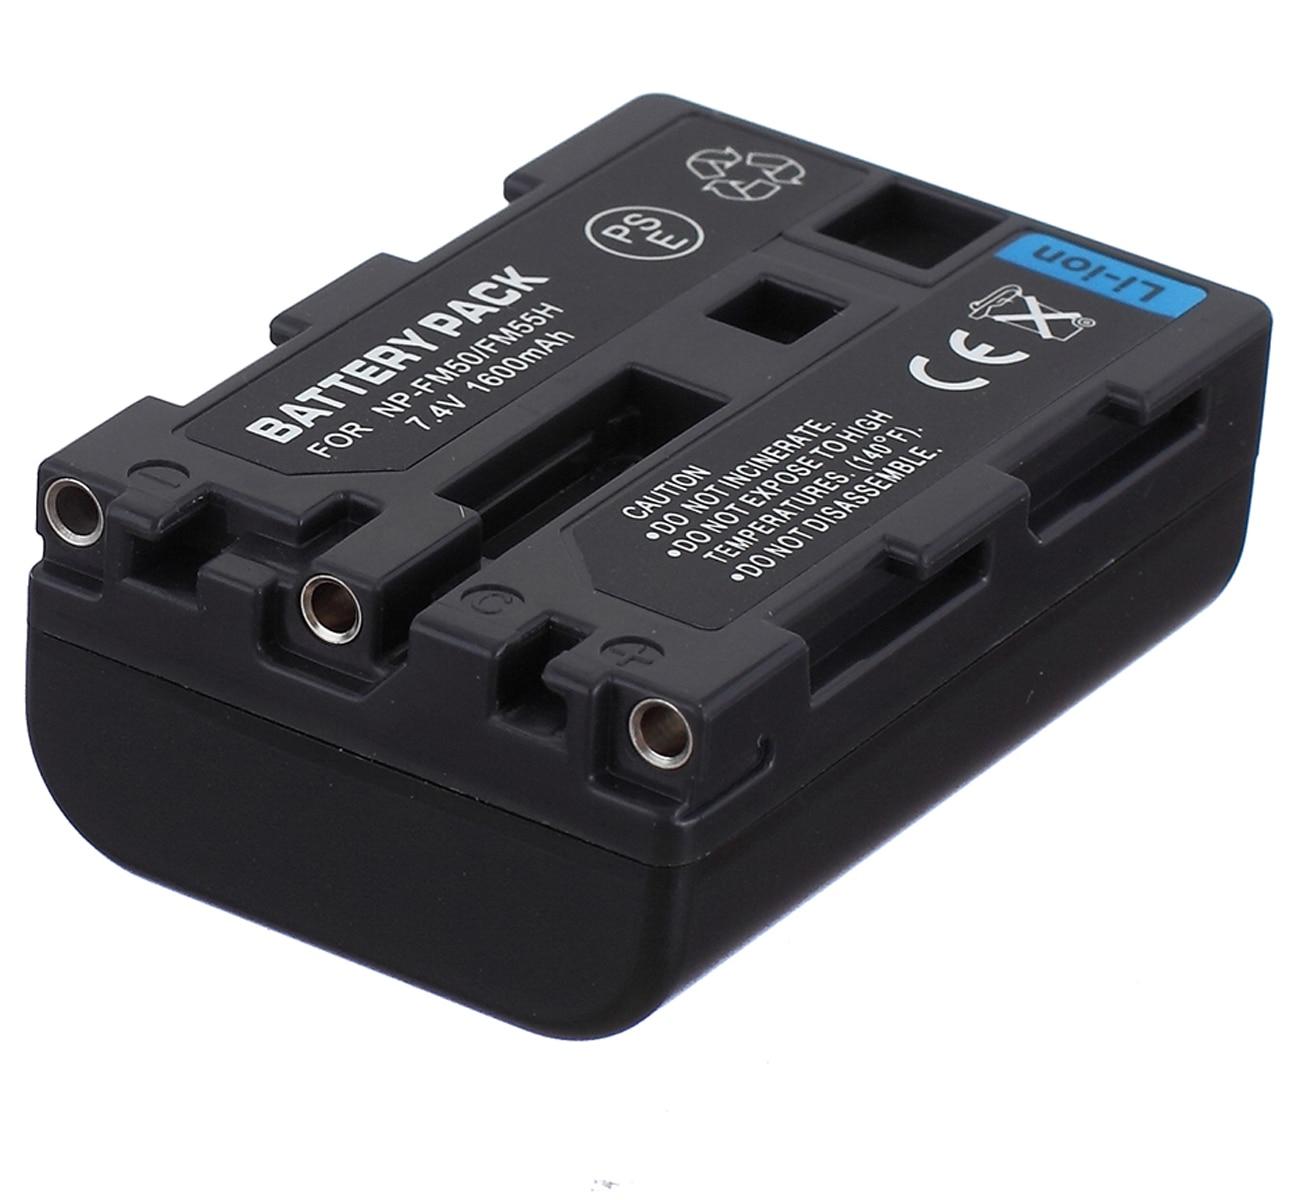 Paquete de batería para videocámara Sony DCR-TRV116, DCR-TRV116E, DCR-TRV140E, DCR-TRV145E, DCR-TRV147E, DCR-TRV150E